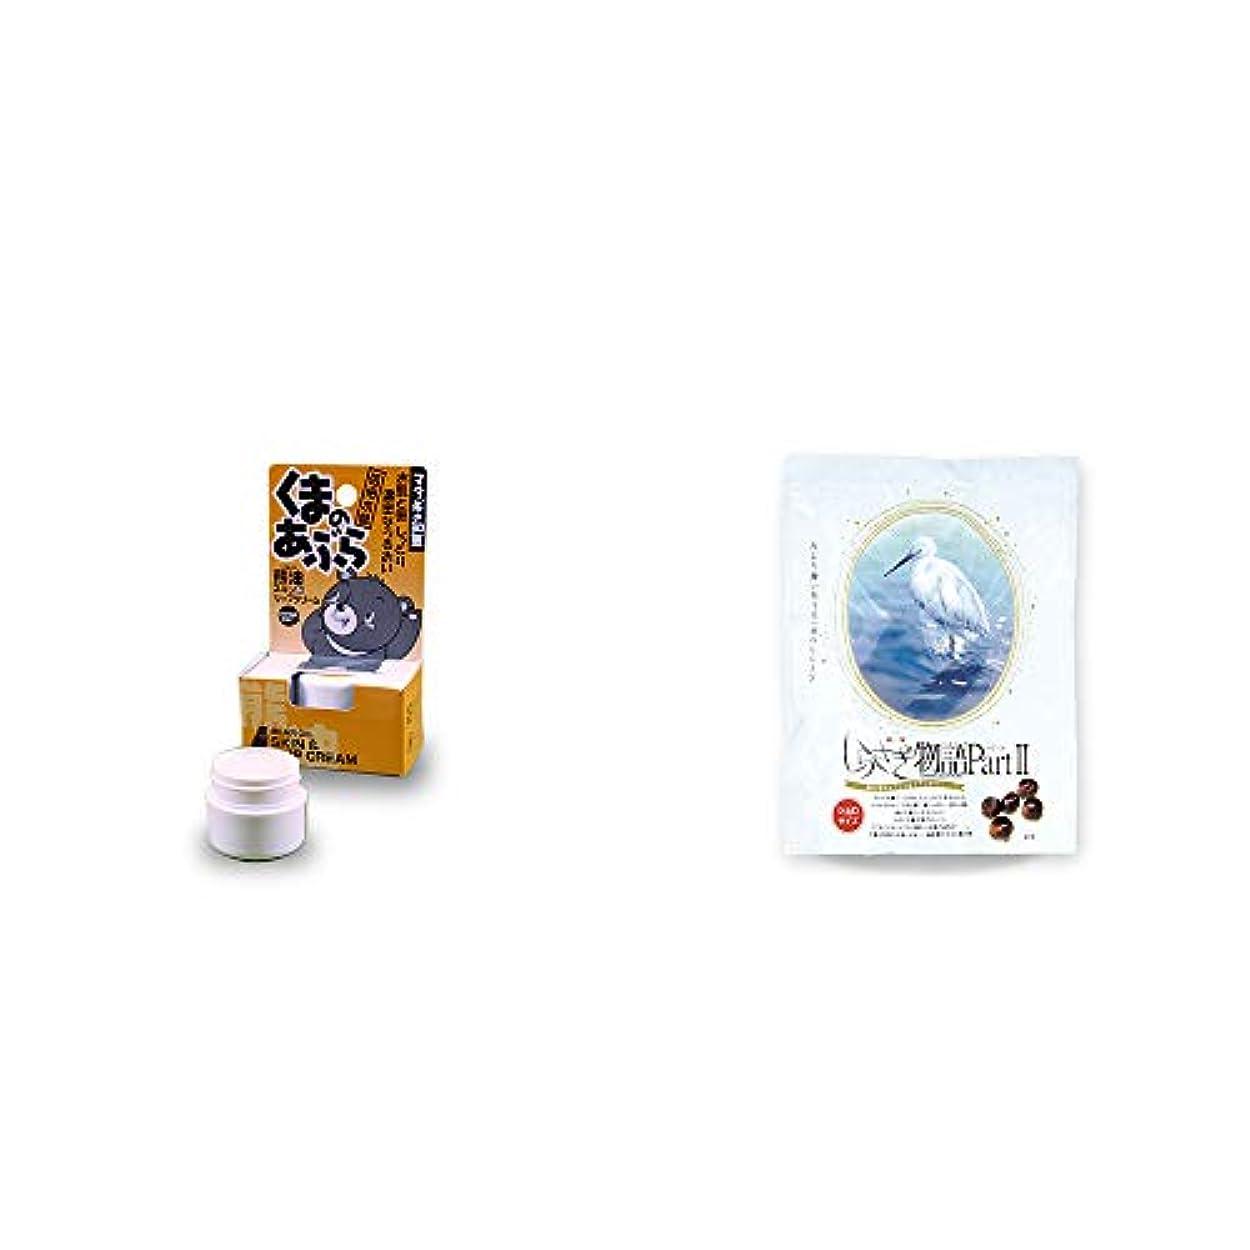 超高層ビルアデレードクレジット[2点セット] 信州木曽 くまのあぶら 熊油スキン&リップクリーム(9g)?飛騨銘菓 しらさぎ物語Part2[ひと口タイプ][袋入り](13個入)